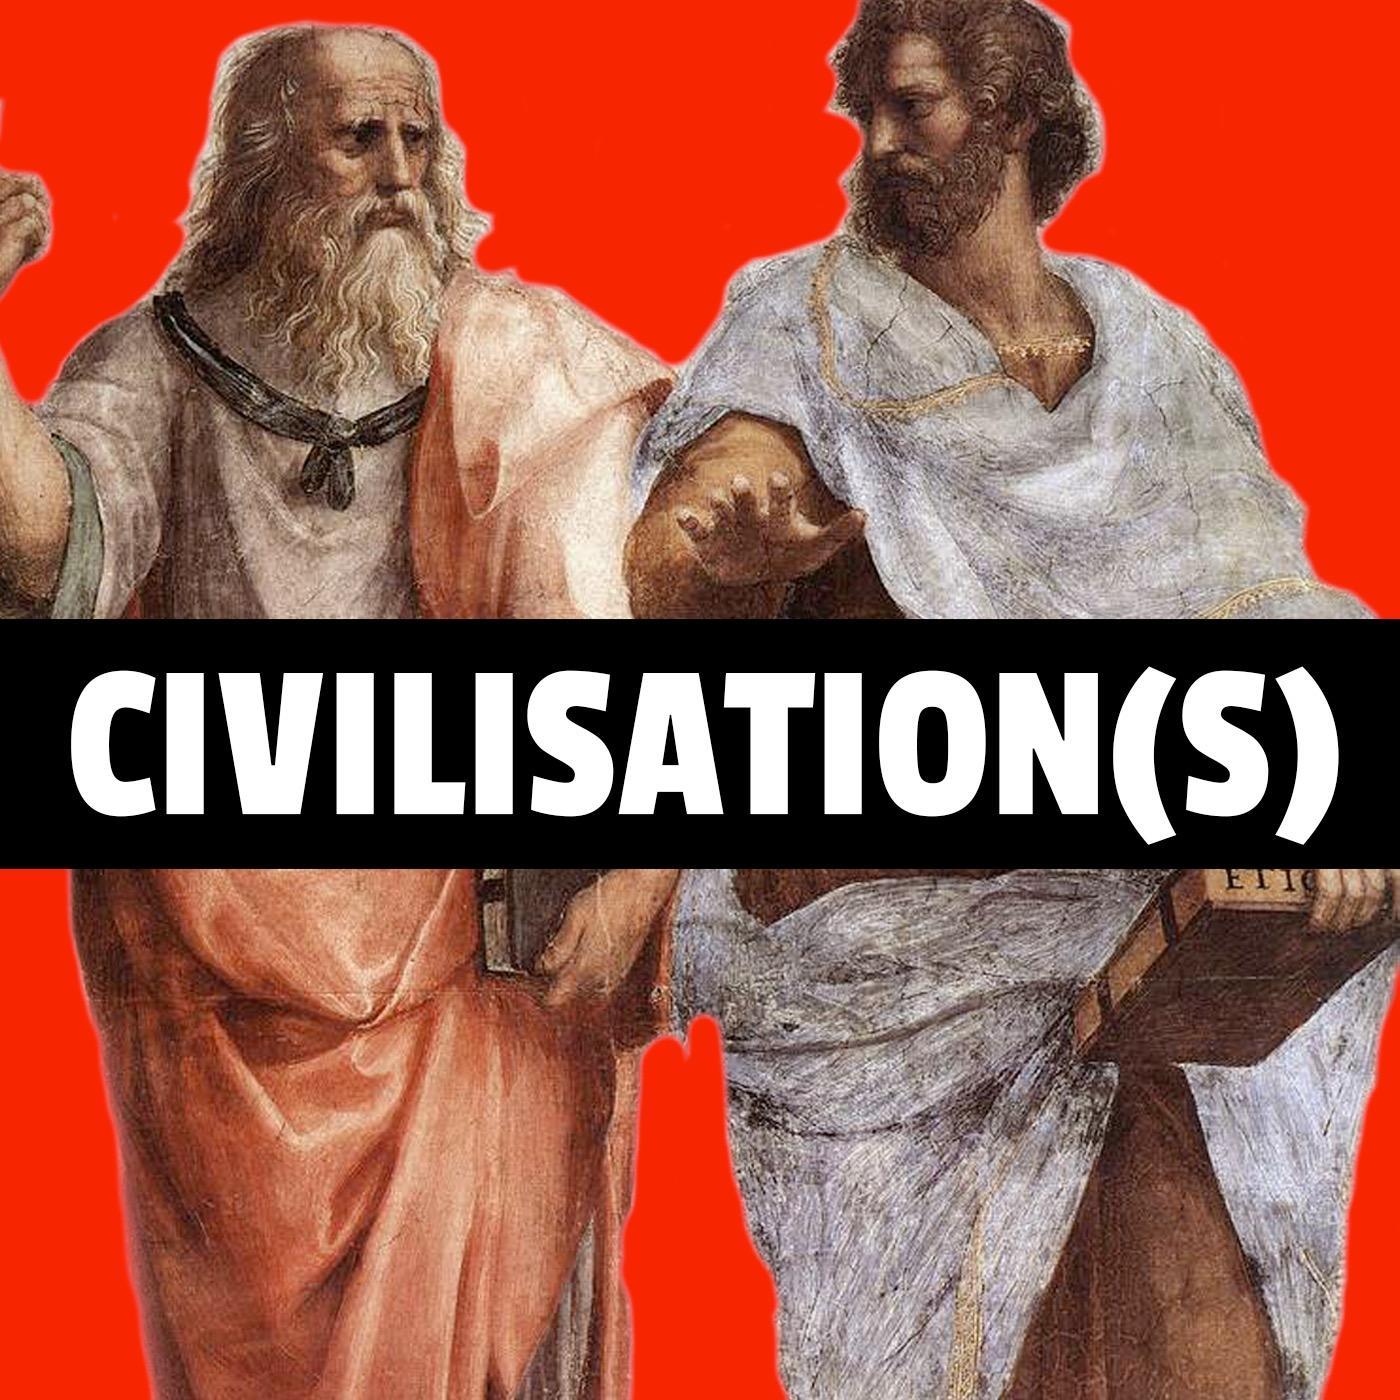 Civilisation(s)